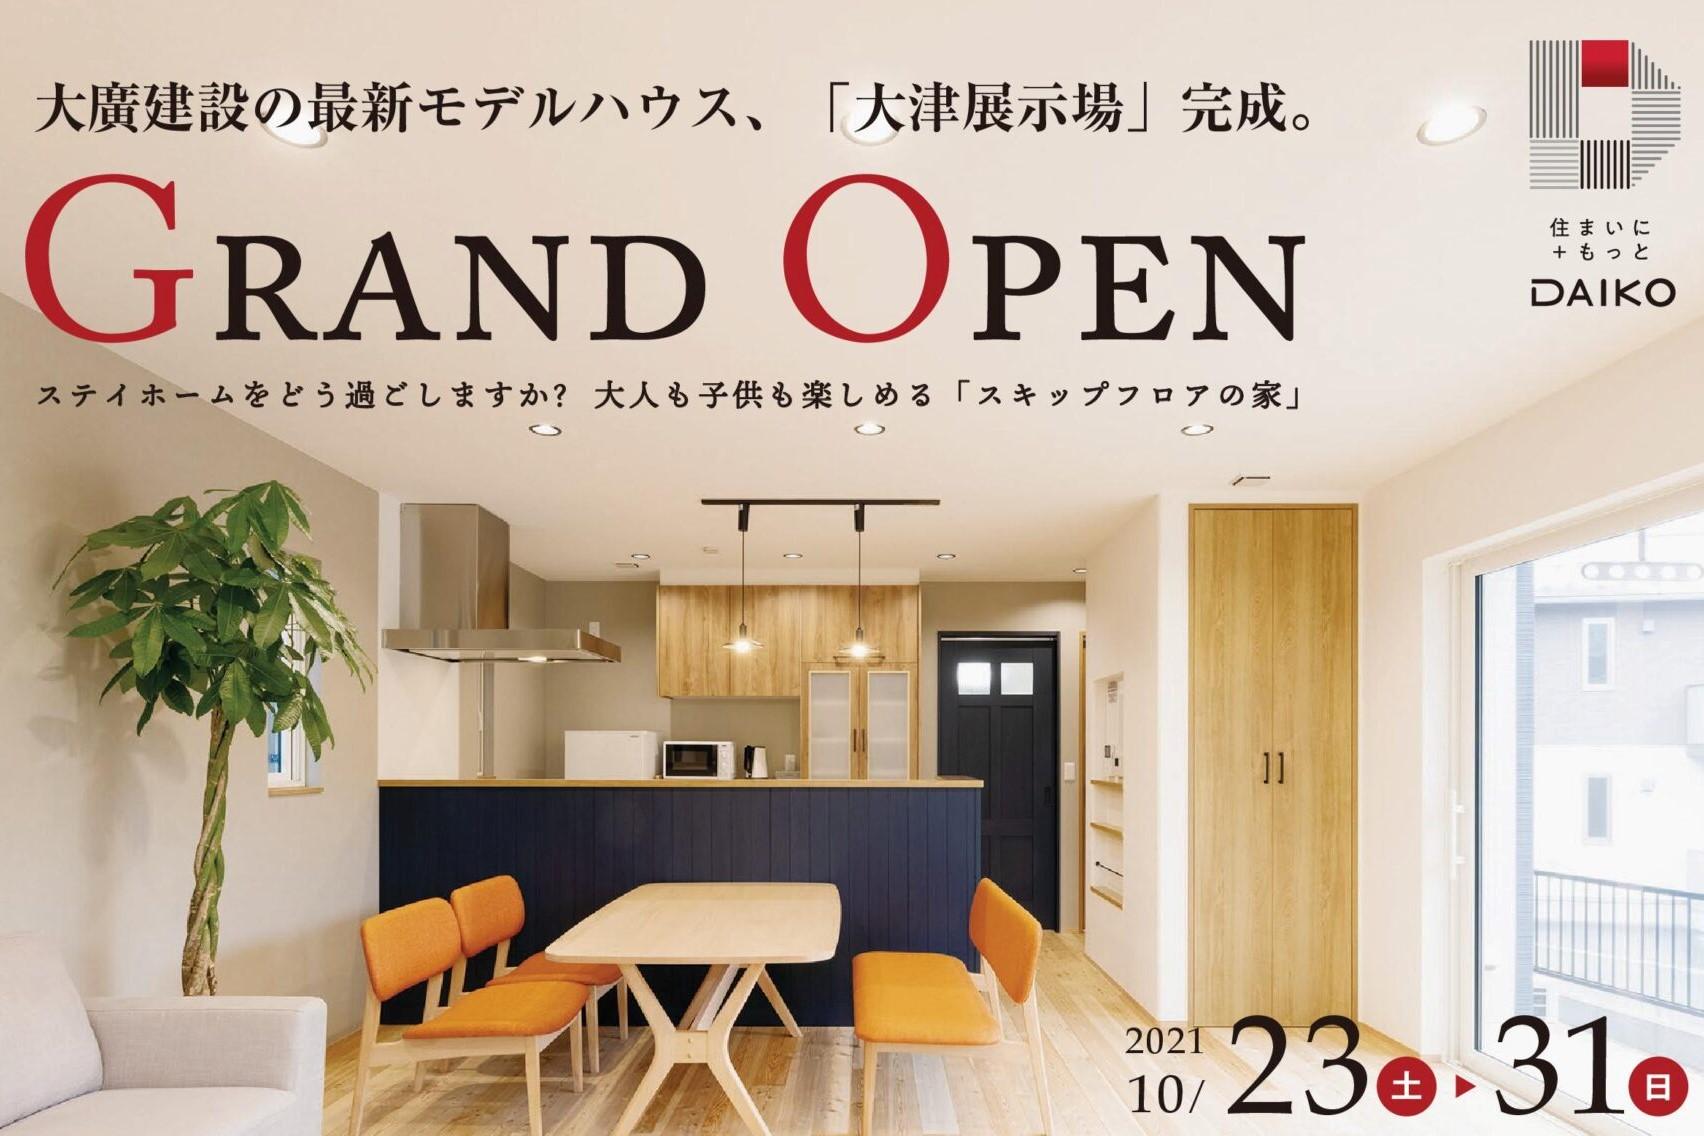 【10/23(土)-10/31(日)】大津展示場GRAND OPENイベント開催!!